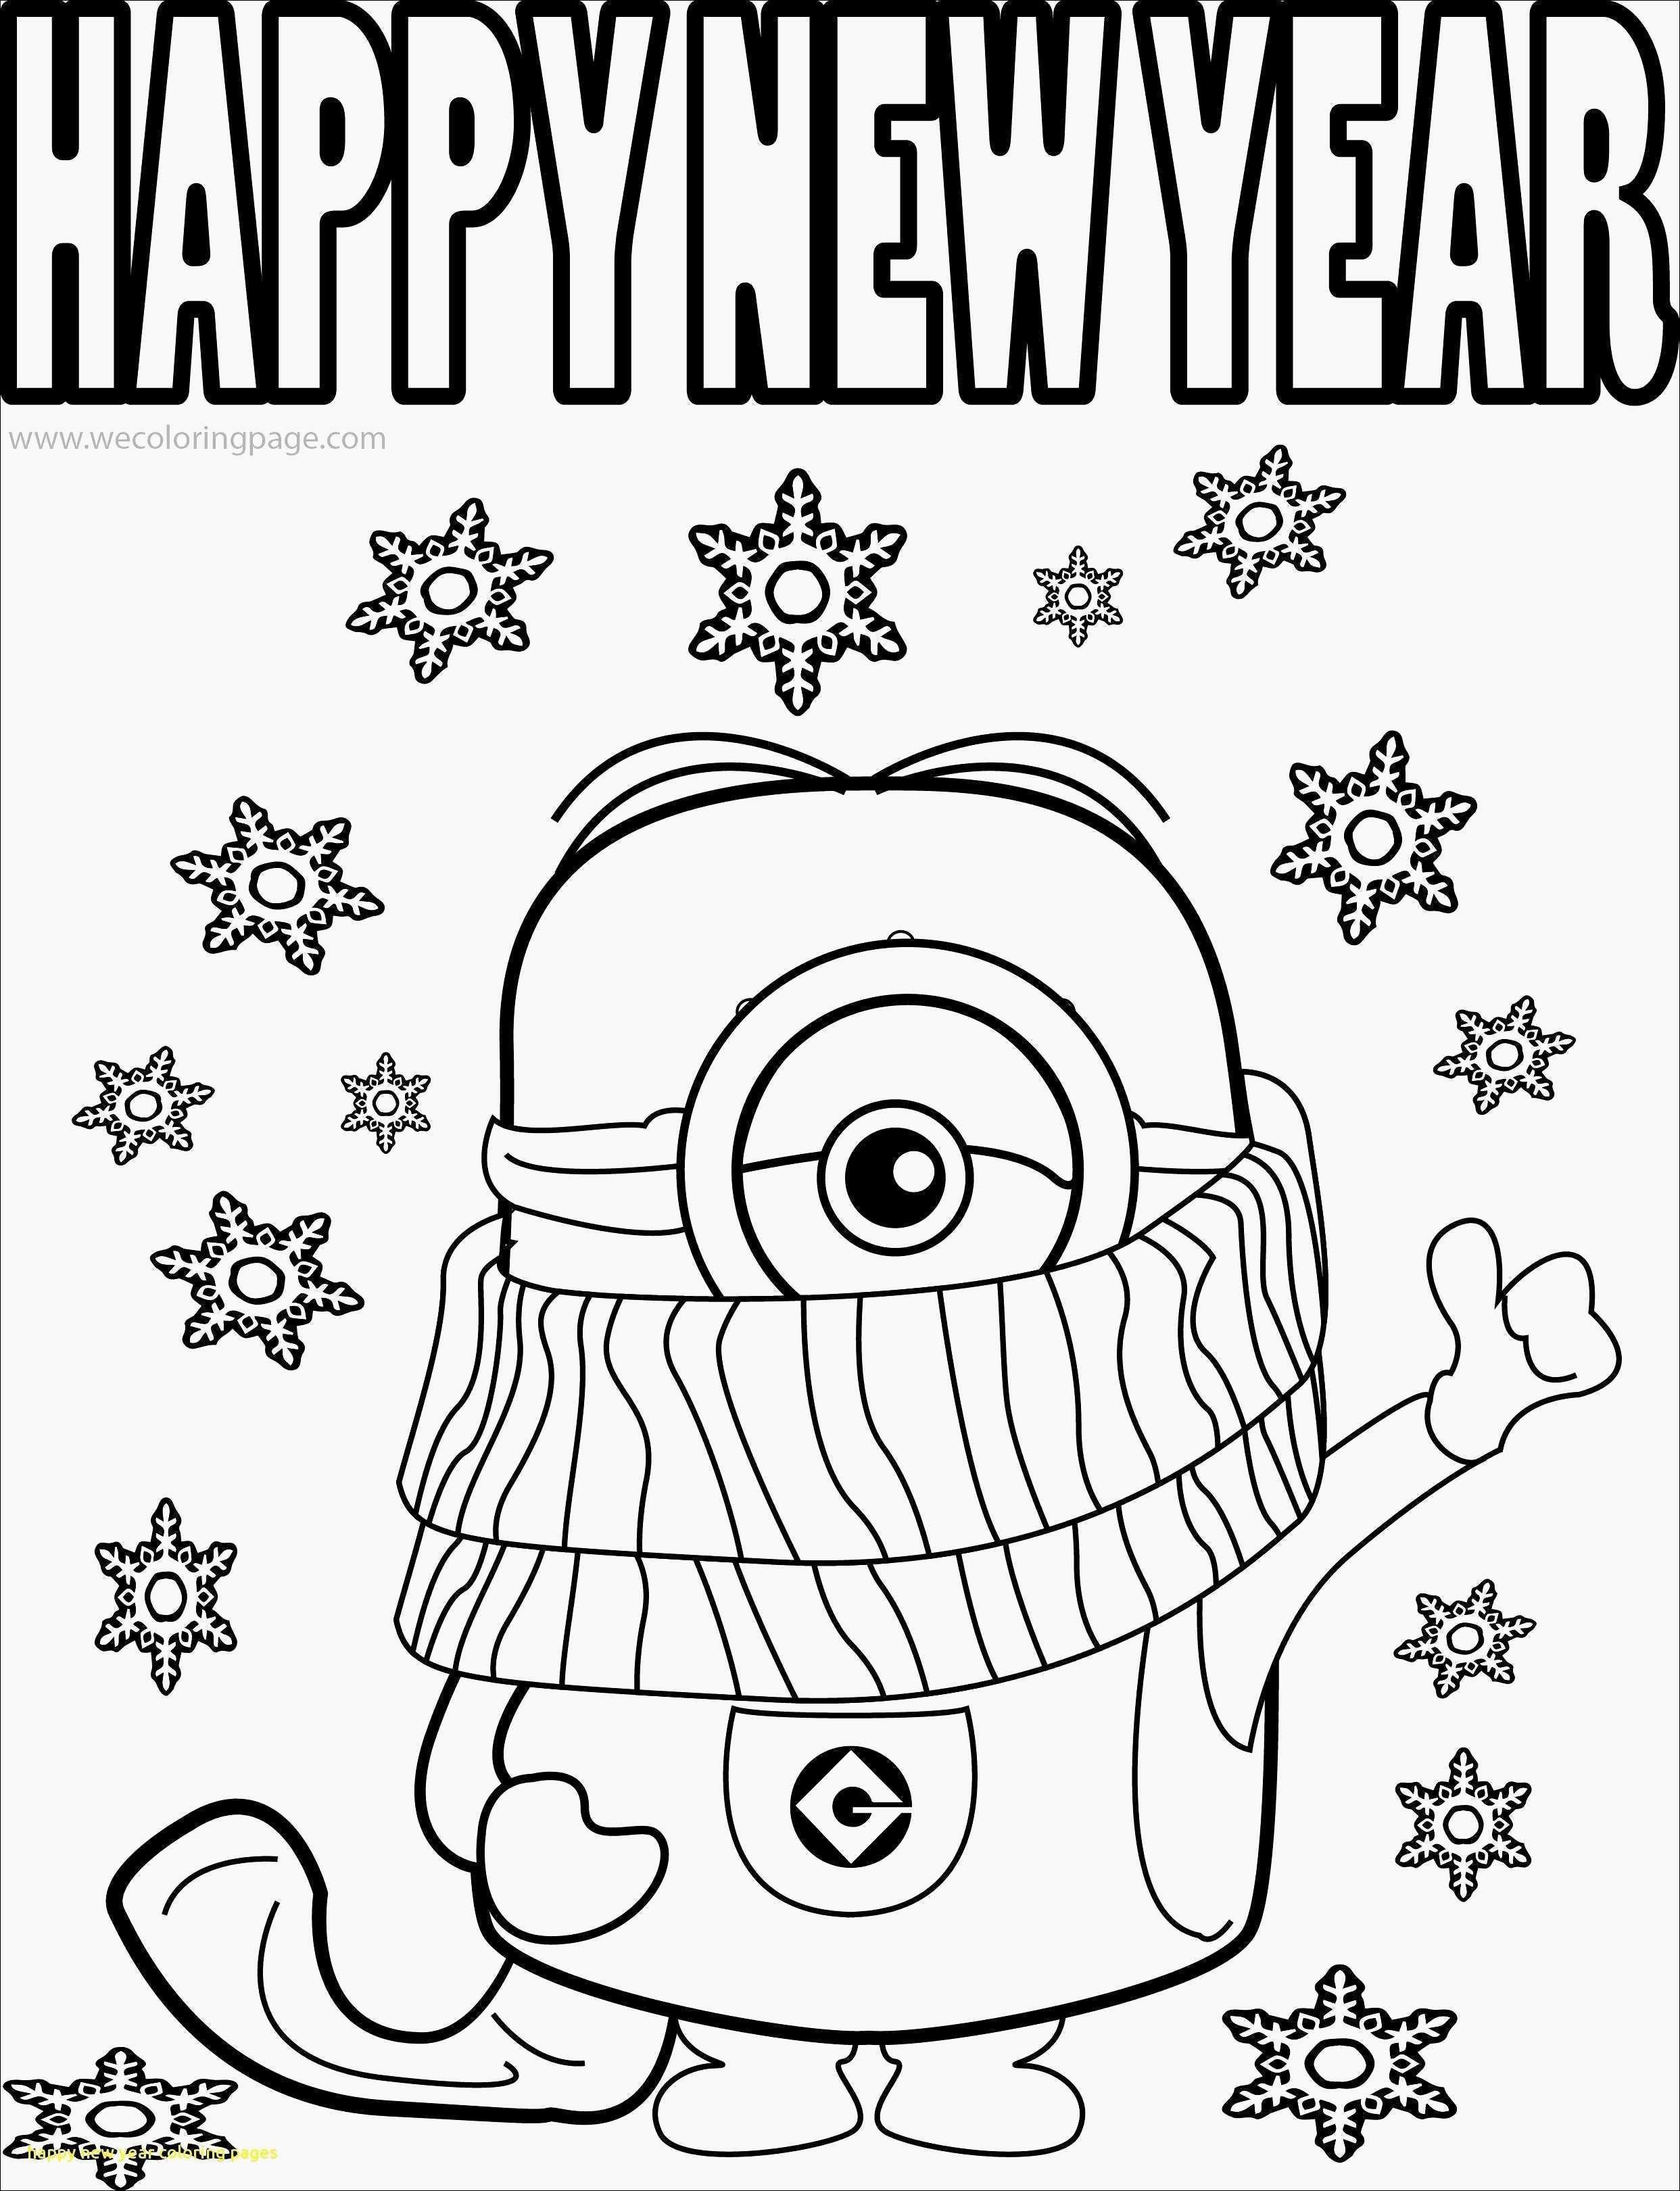 Ausmalbilder Weihnachten Teddy Das Beste Von Minion to Print Fresh Minion Weihnachten Ausmalbild Fotos